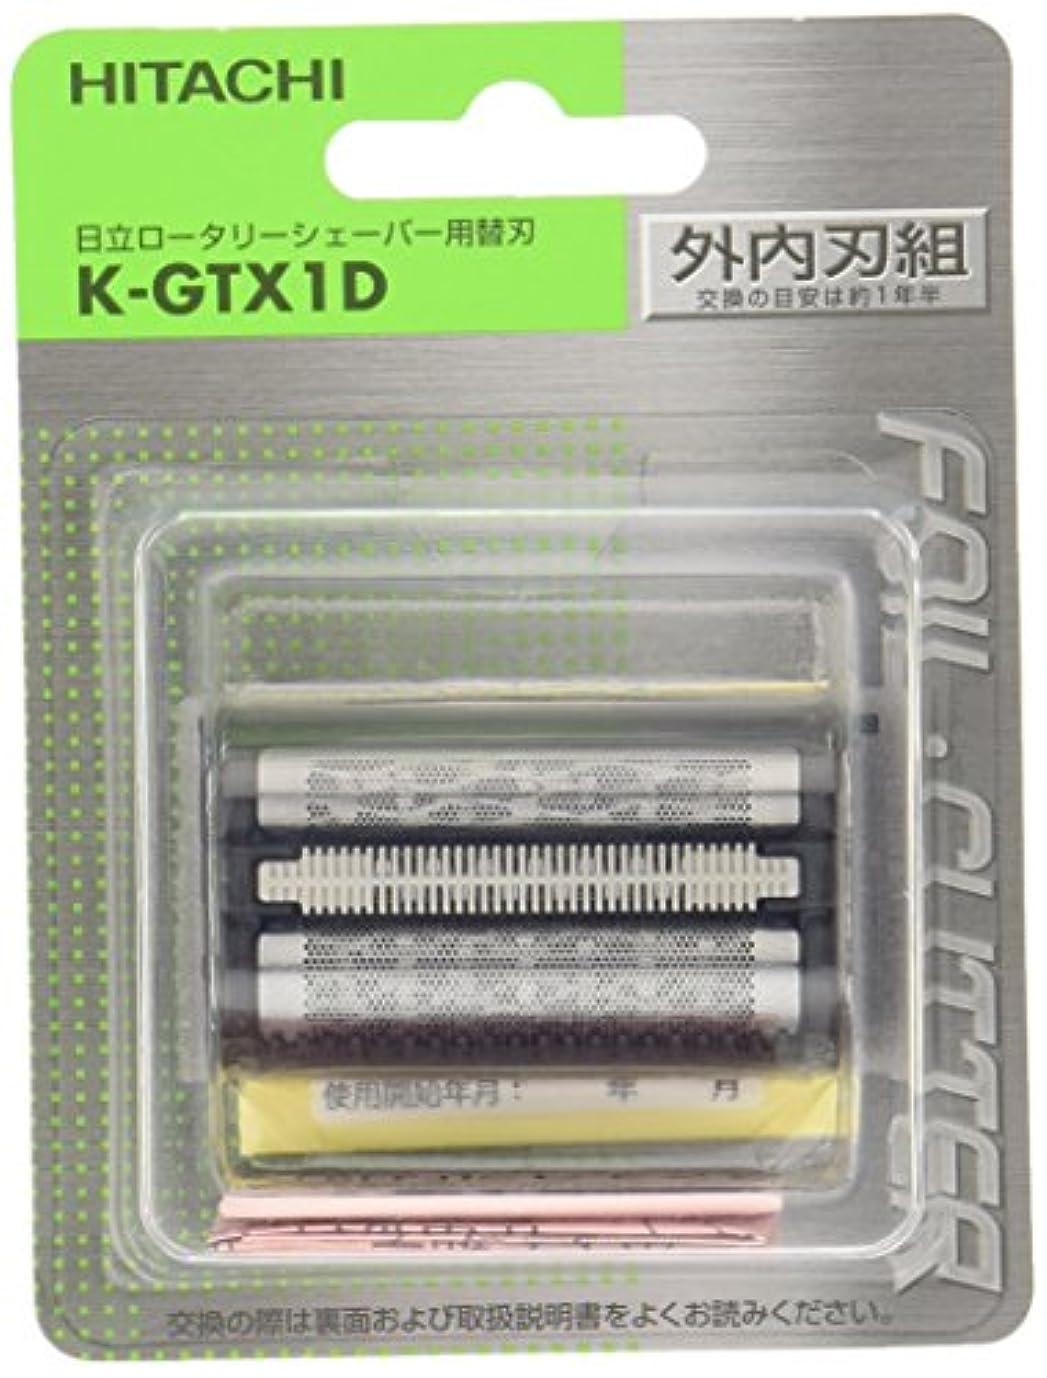 パスタミケランジェロ社員日立 メンズシェーバー替刃(外刃?内刃) K-GTX1D